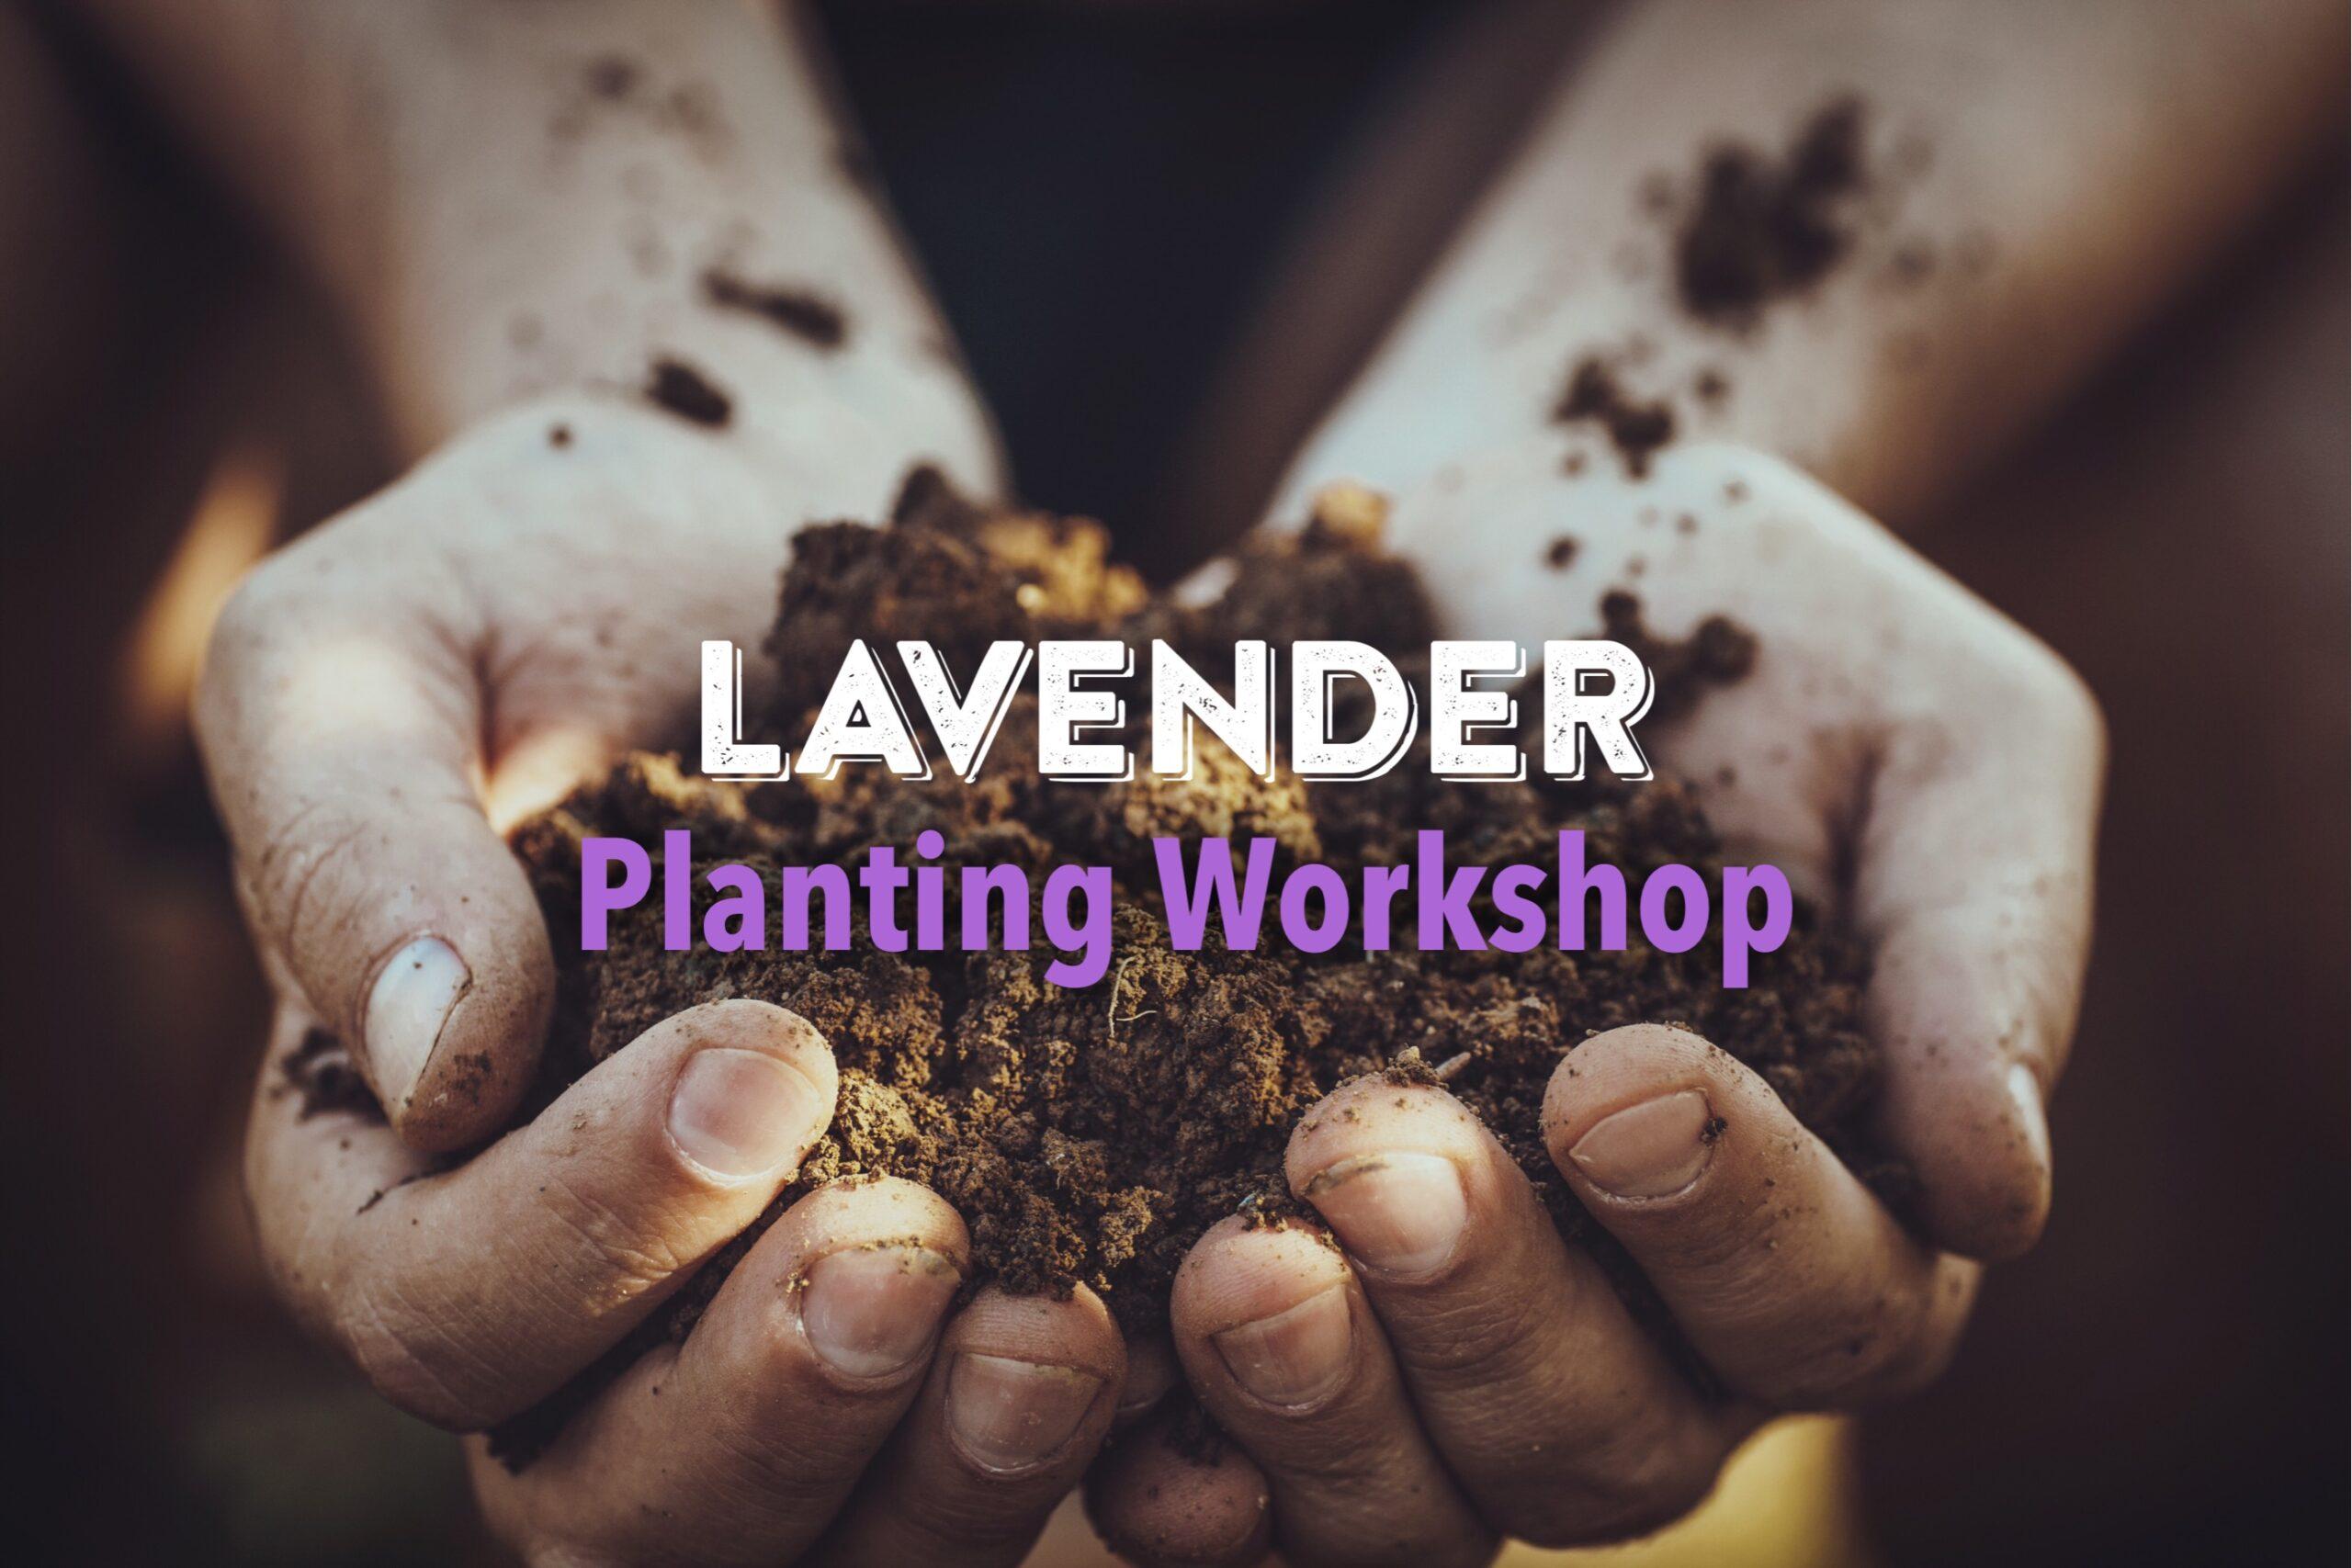 Lavender Planting Workshop